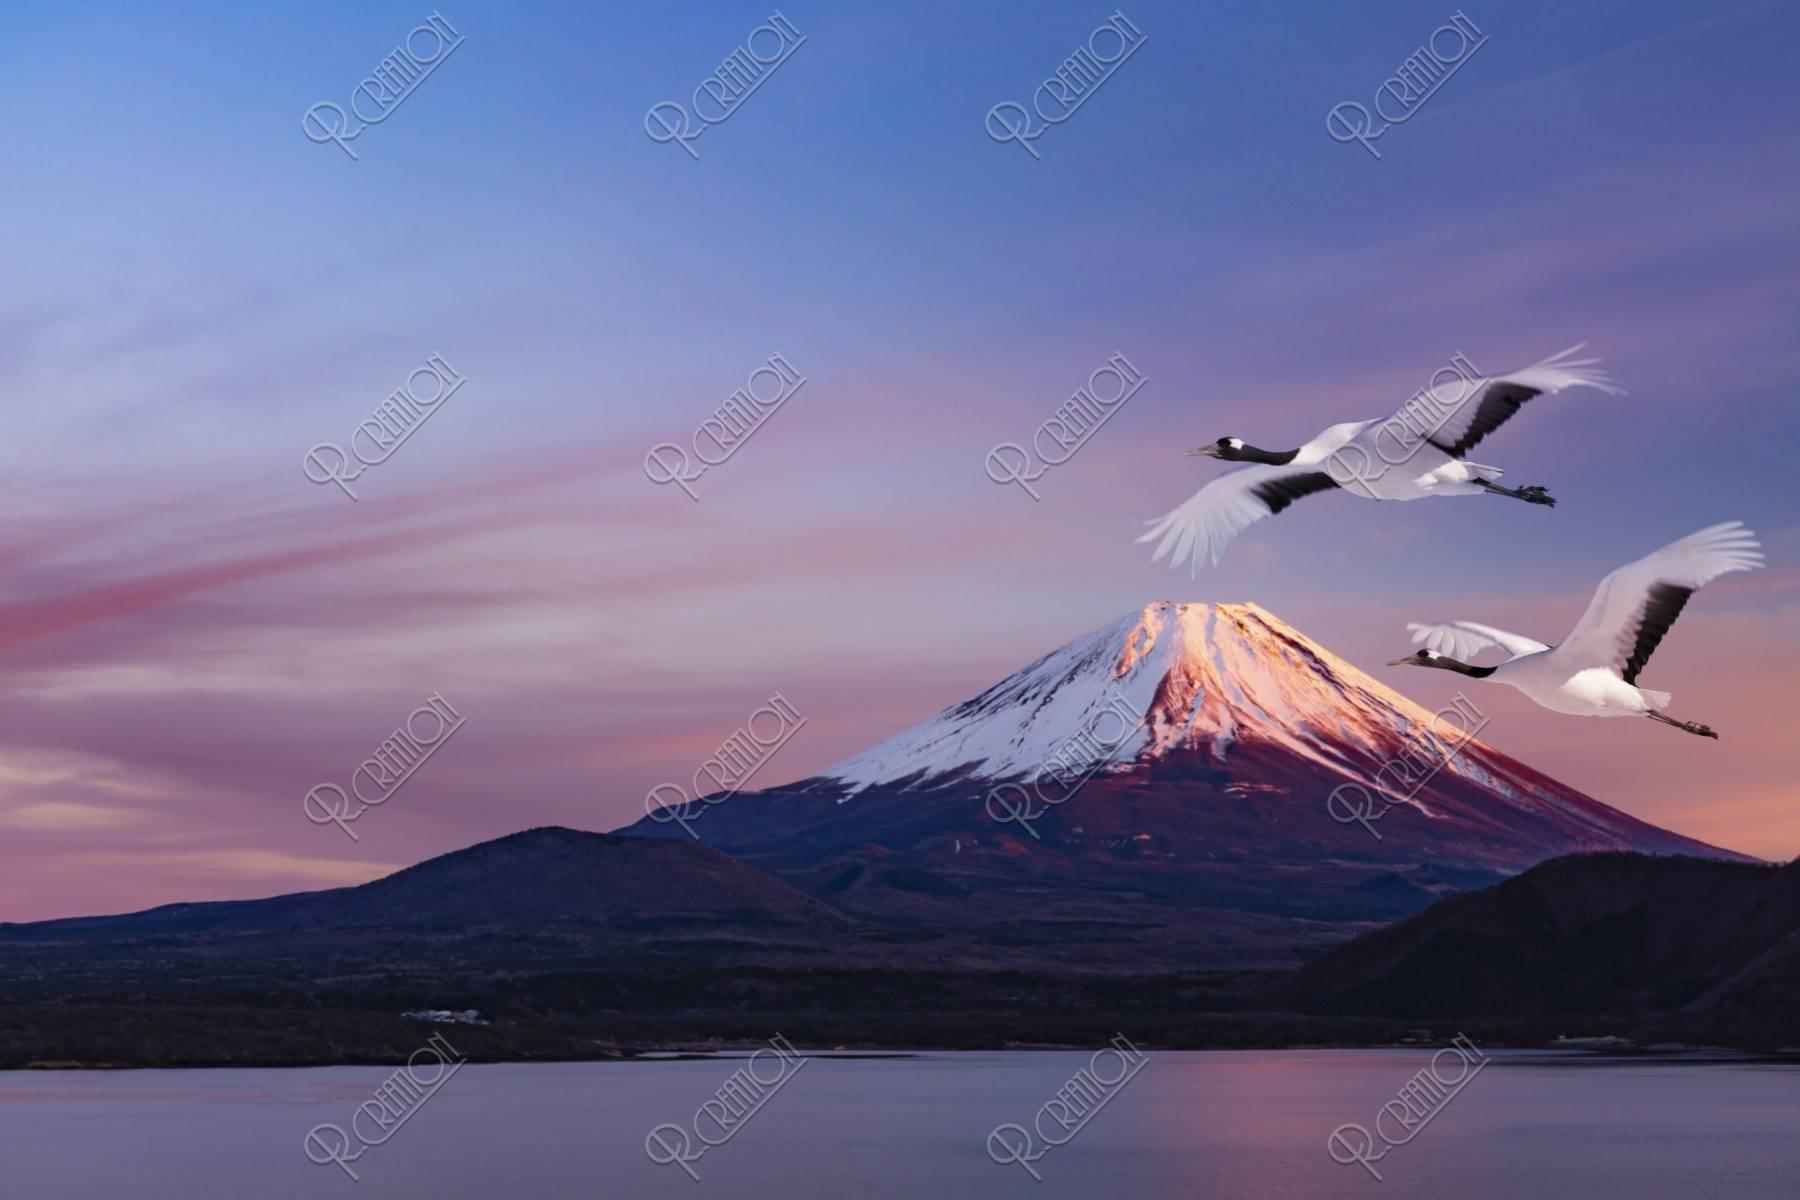 富士山と丹頂鶴CG